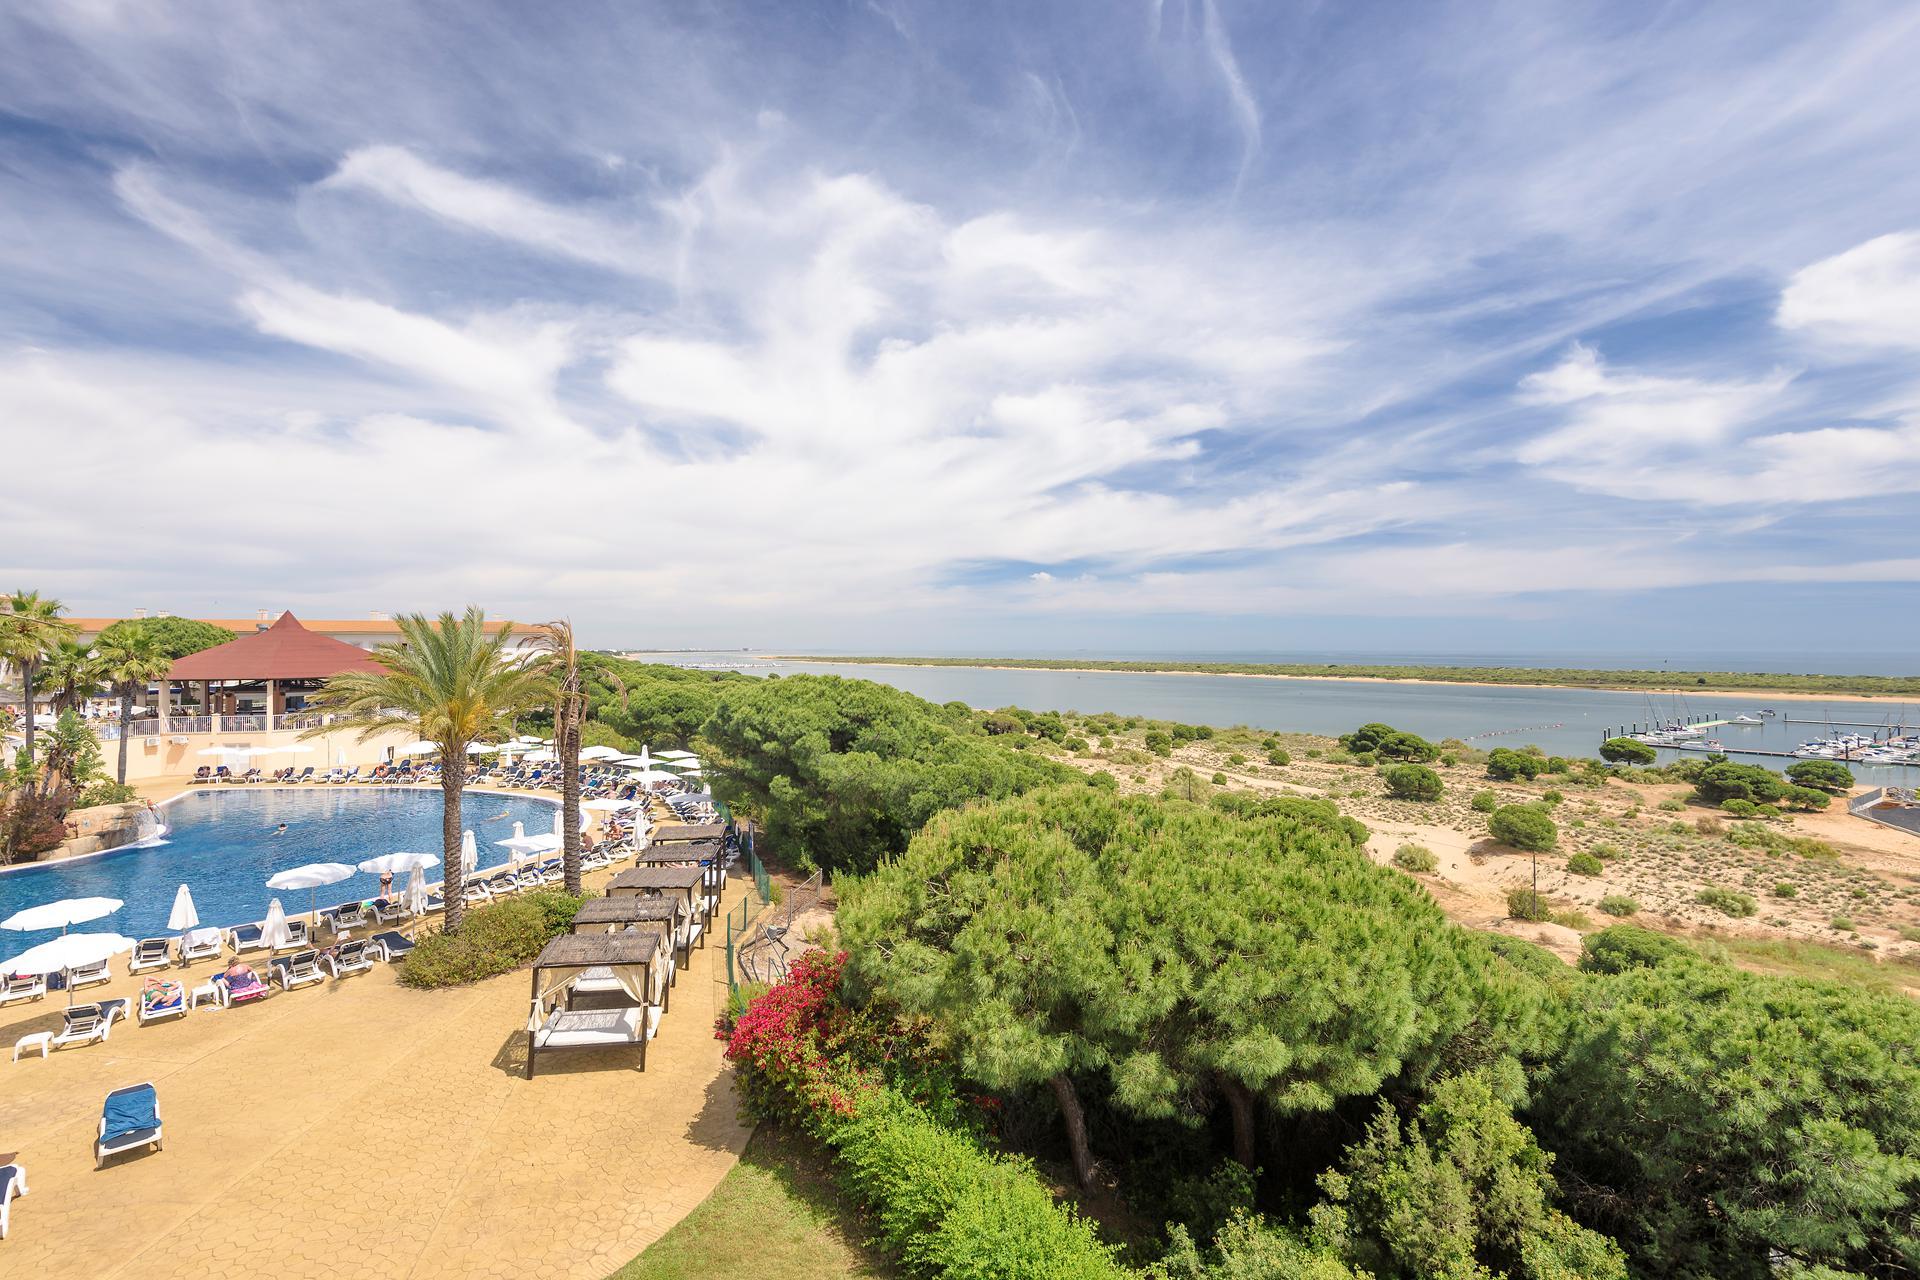 Hotel Amp Spa Garden Playanatural In Costa De La Luz Spanje